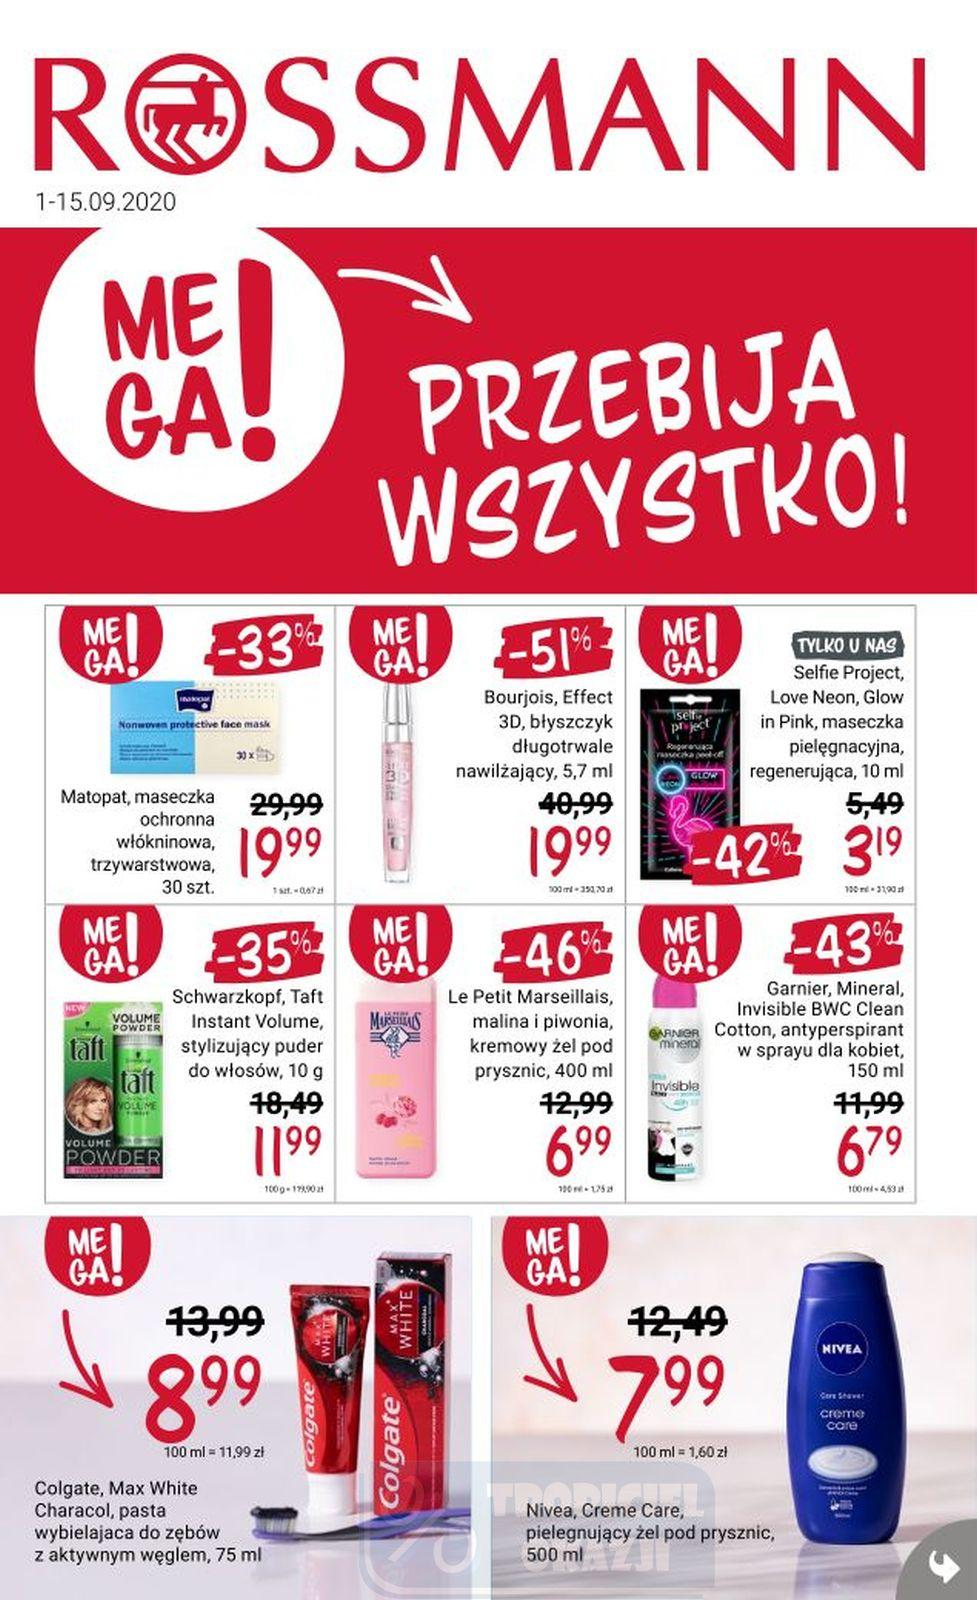 Gazetka promocyjna Rossmann do 15/09/2020 str.1